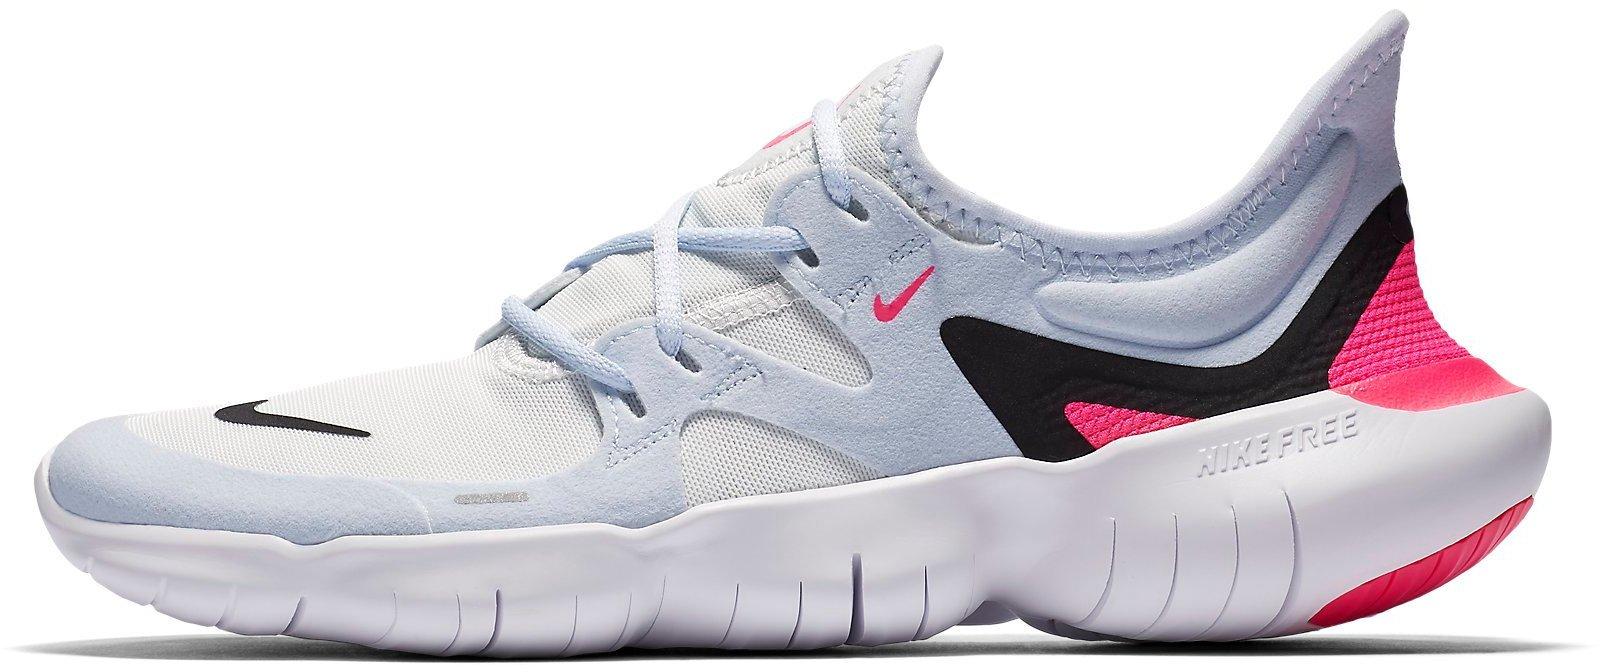 b5359a67ff86 Running shoes Nike WMNS FREE RN 5.0 - Top4Football.com